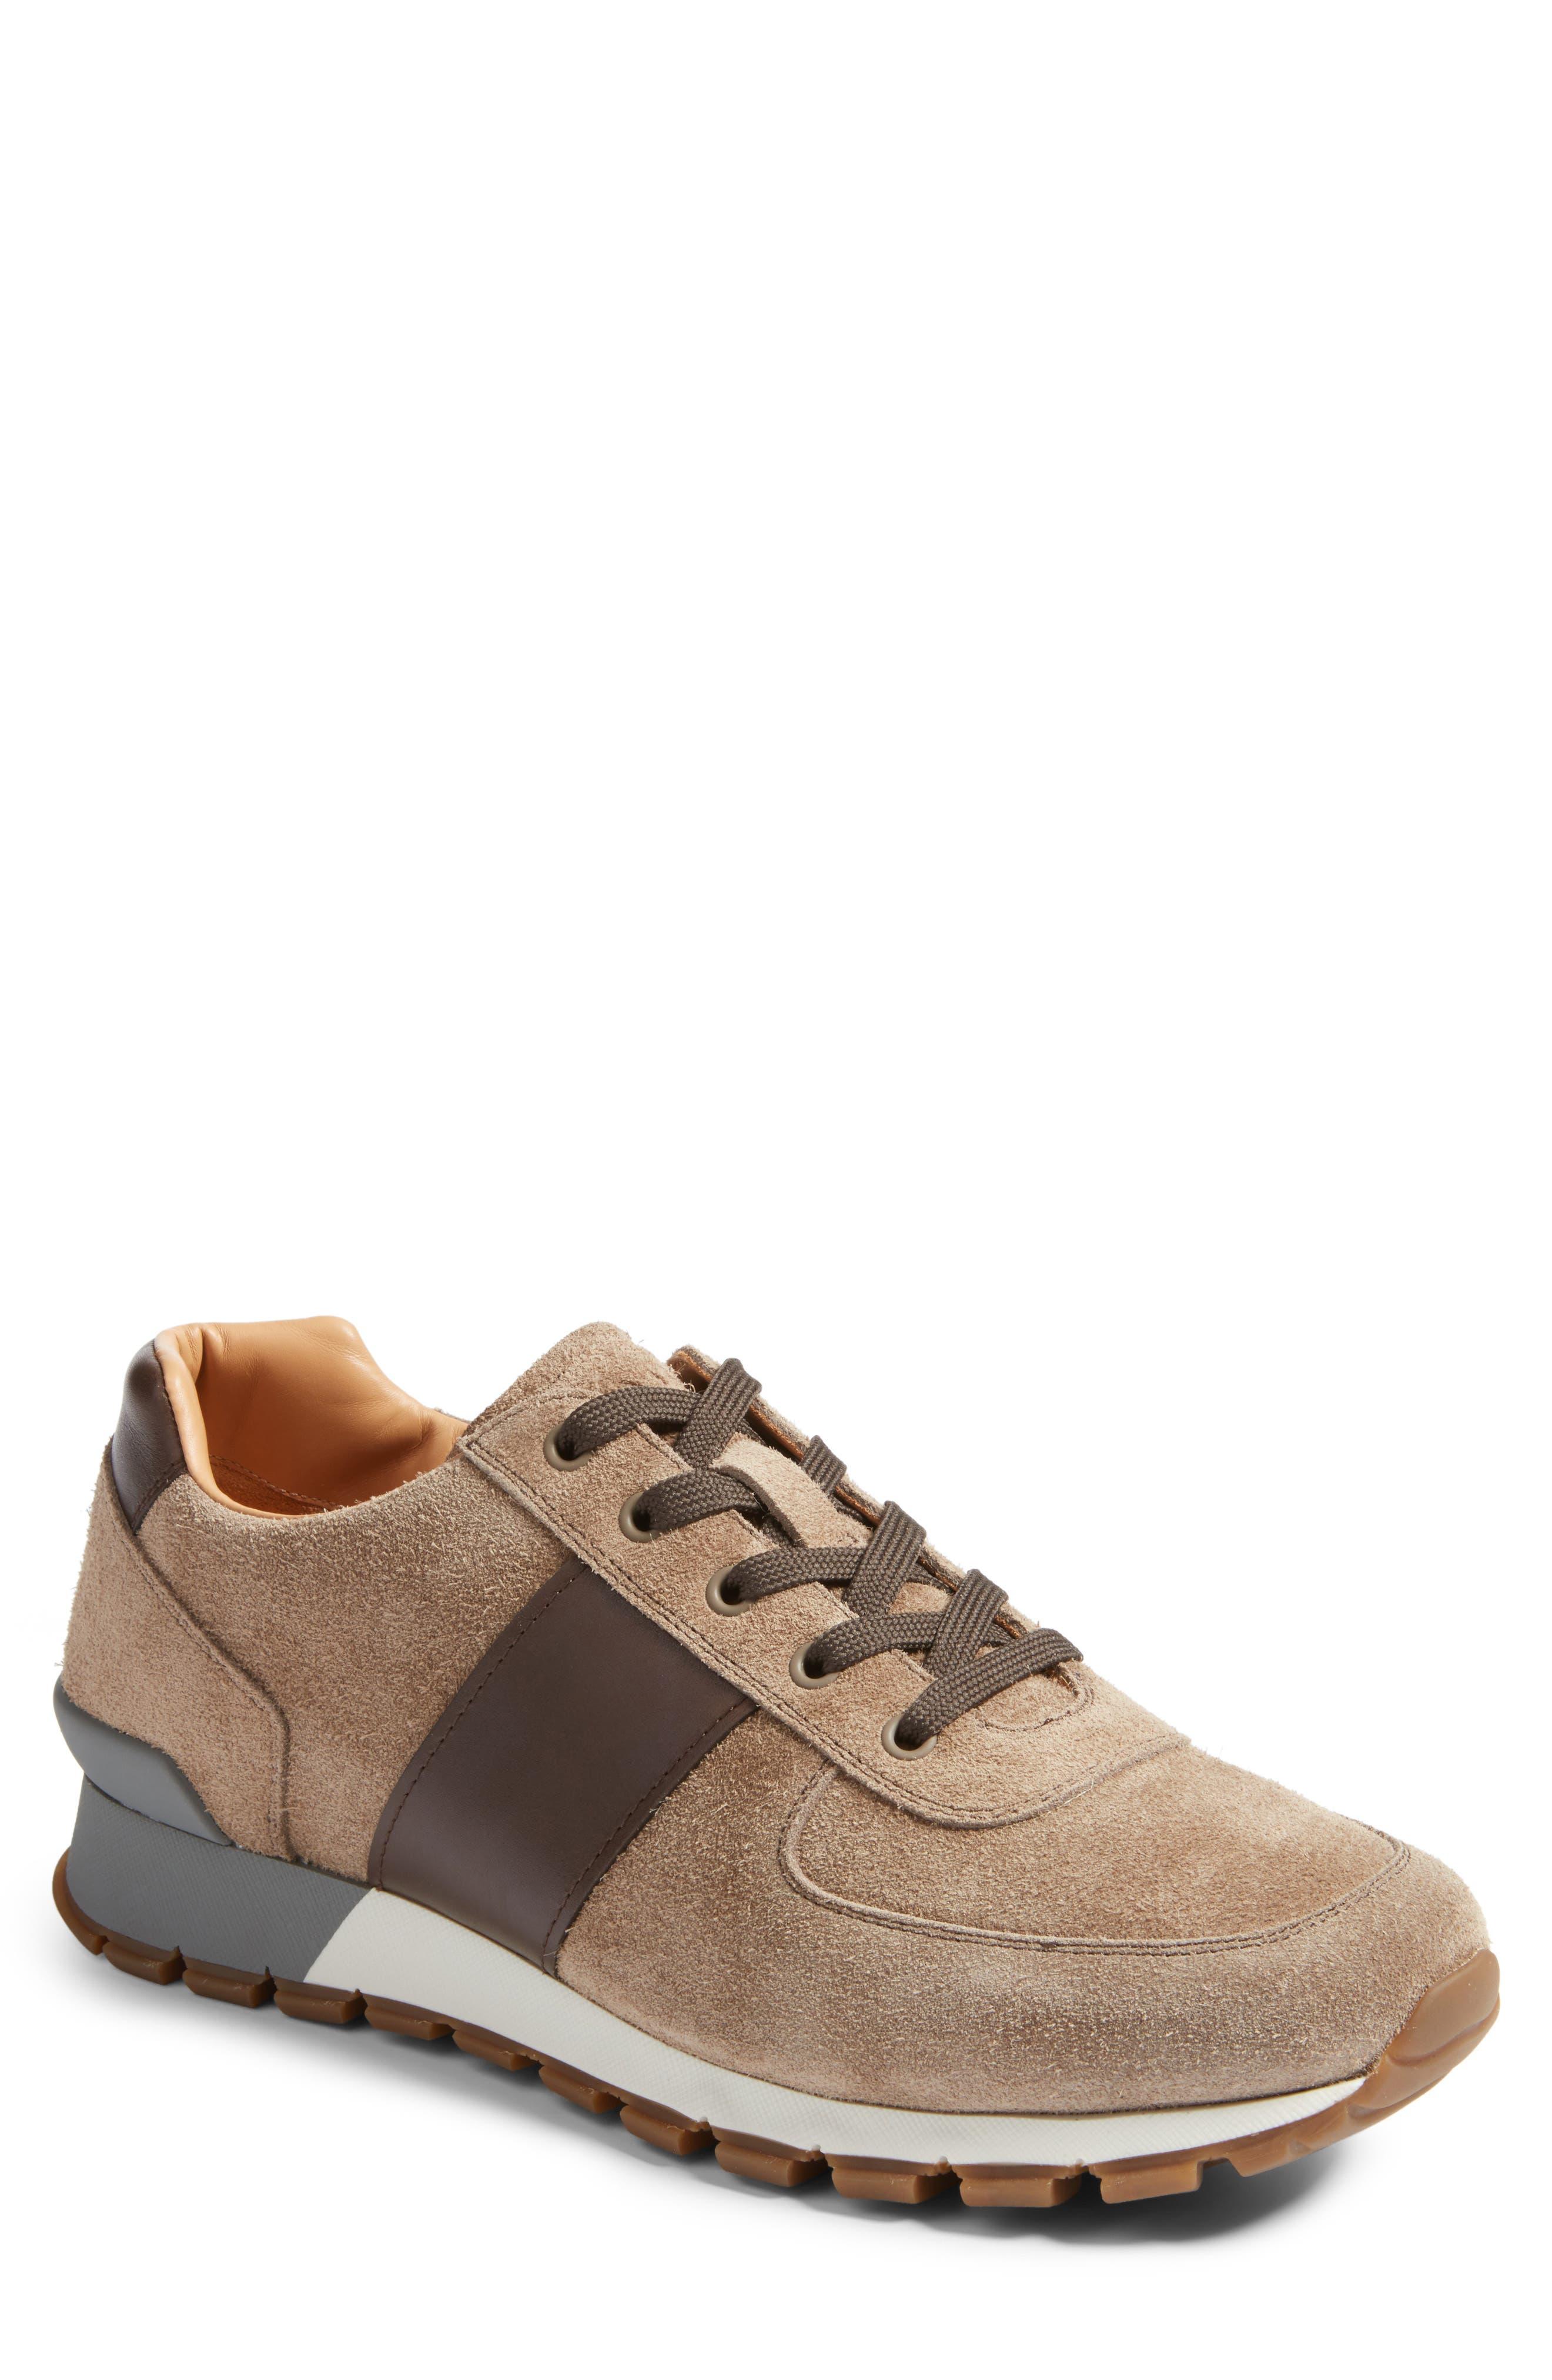 Alternate Image 1 Selected - Prada Sneaker (Men)